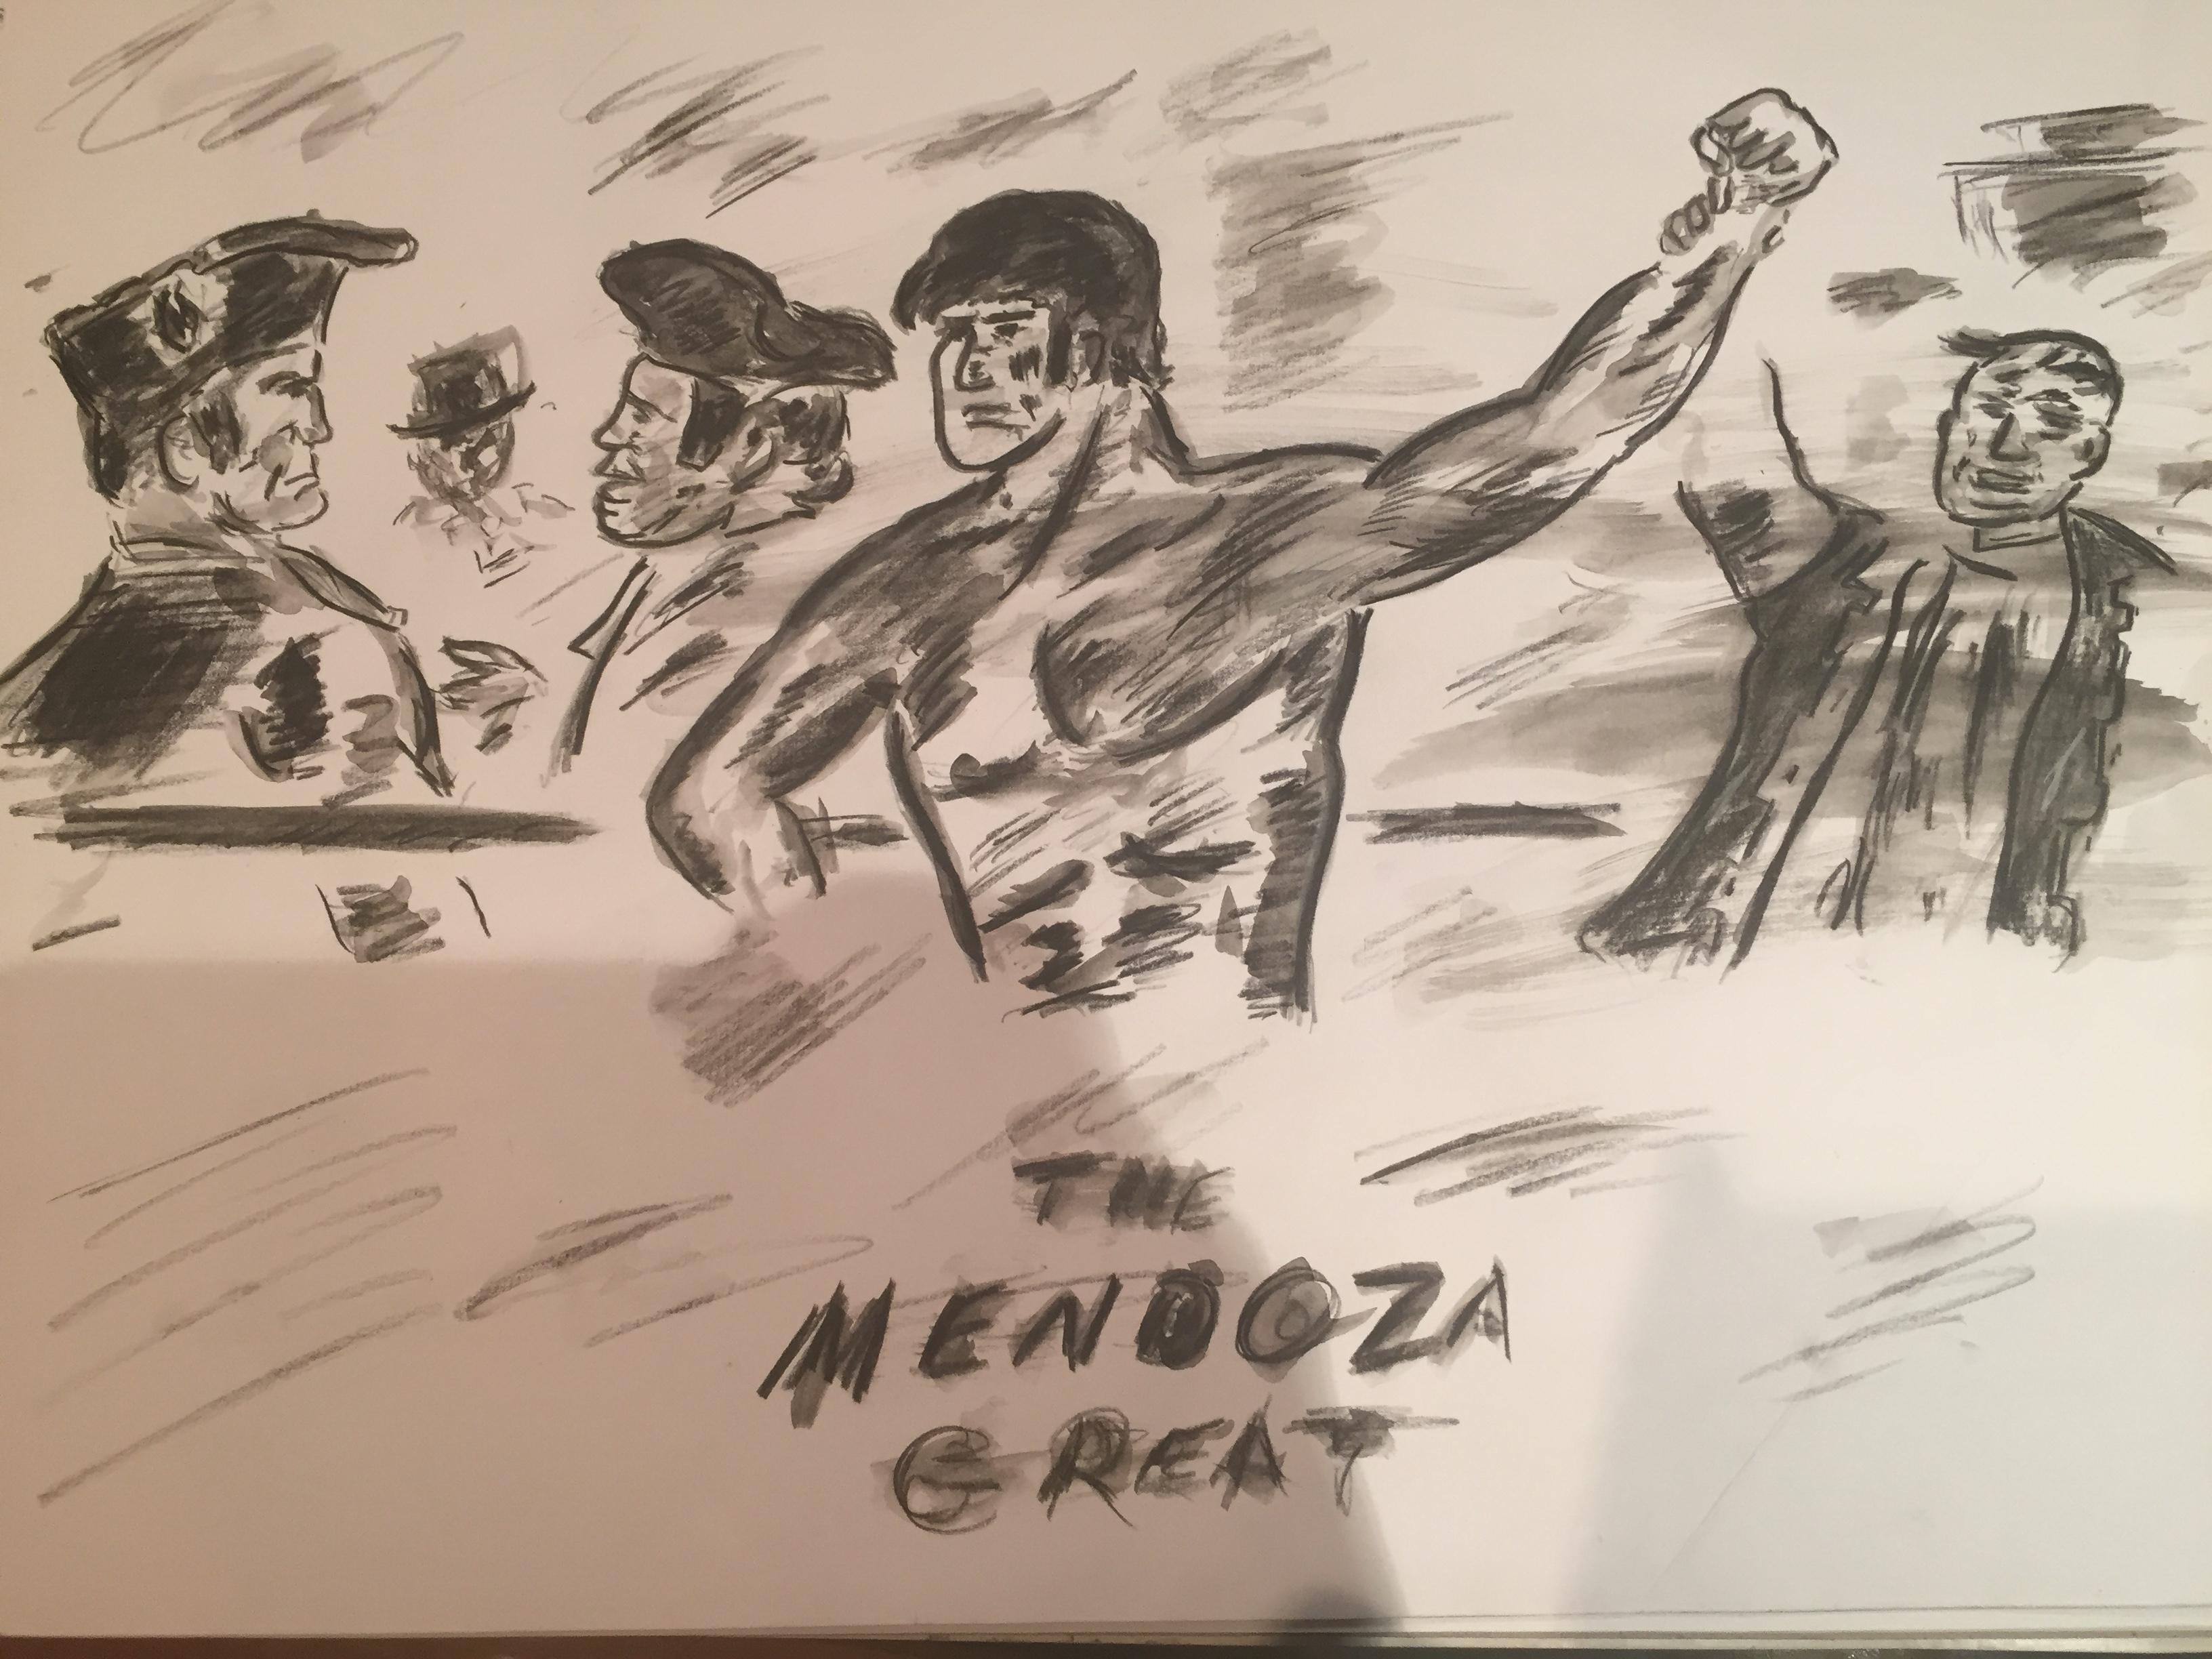 The Great Mendoza